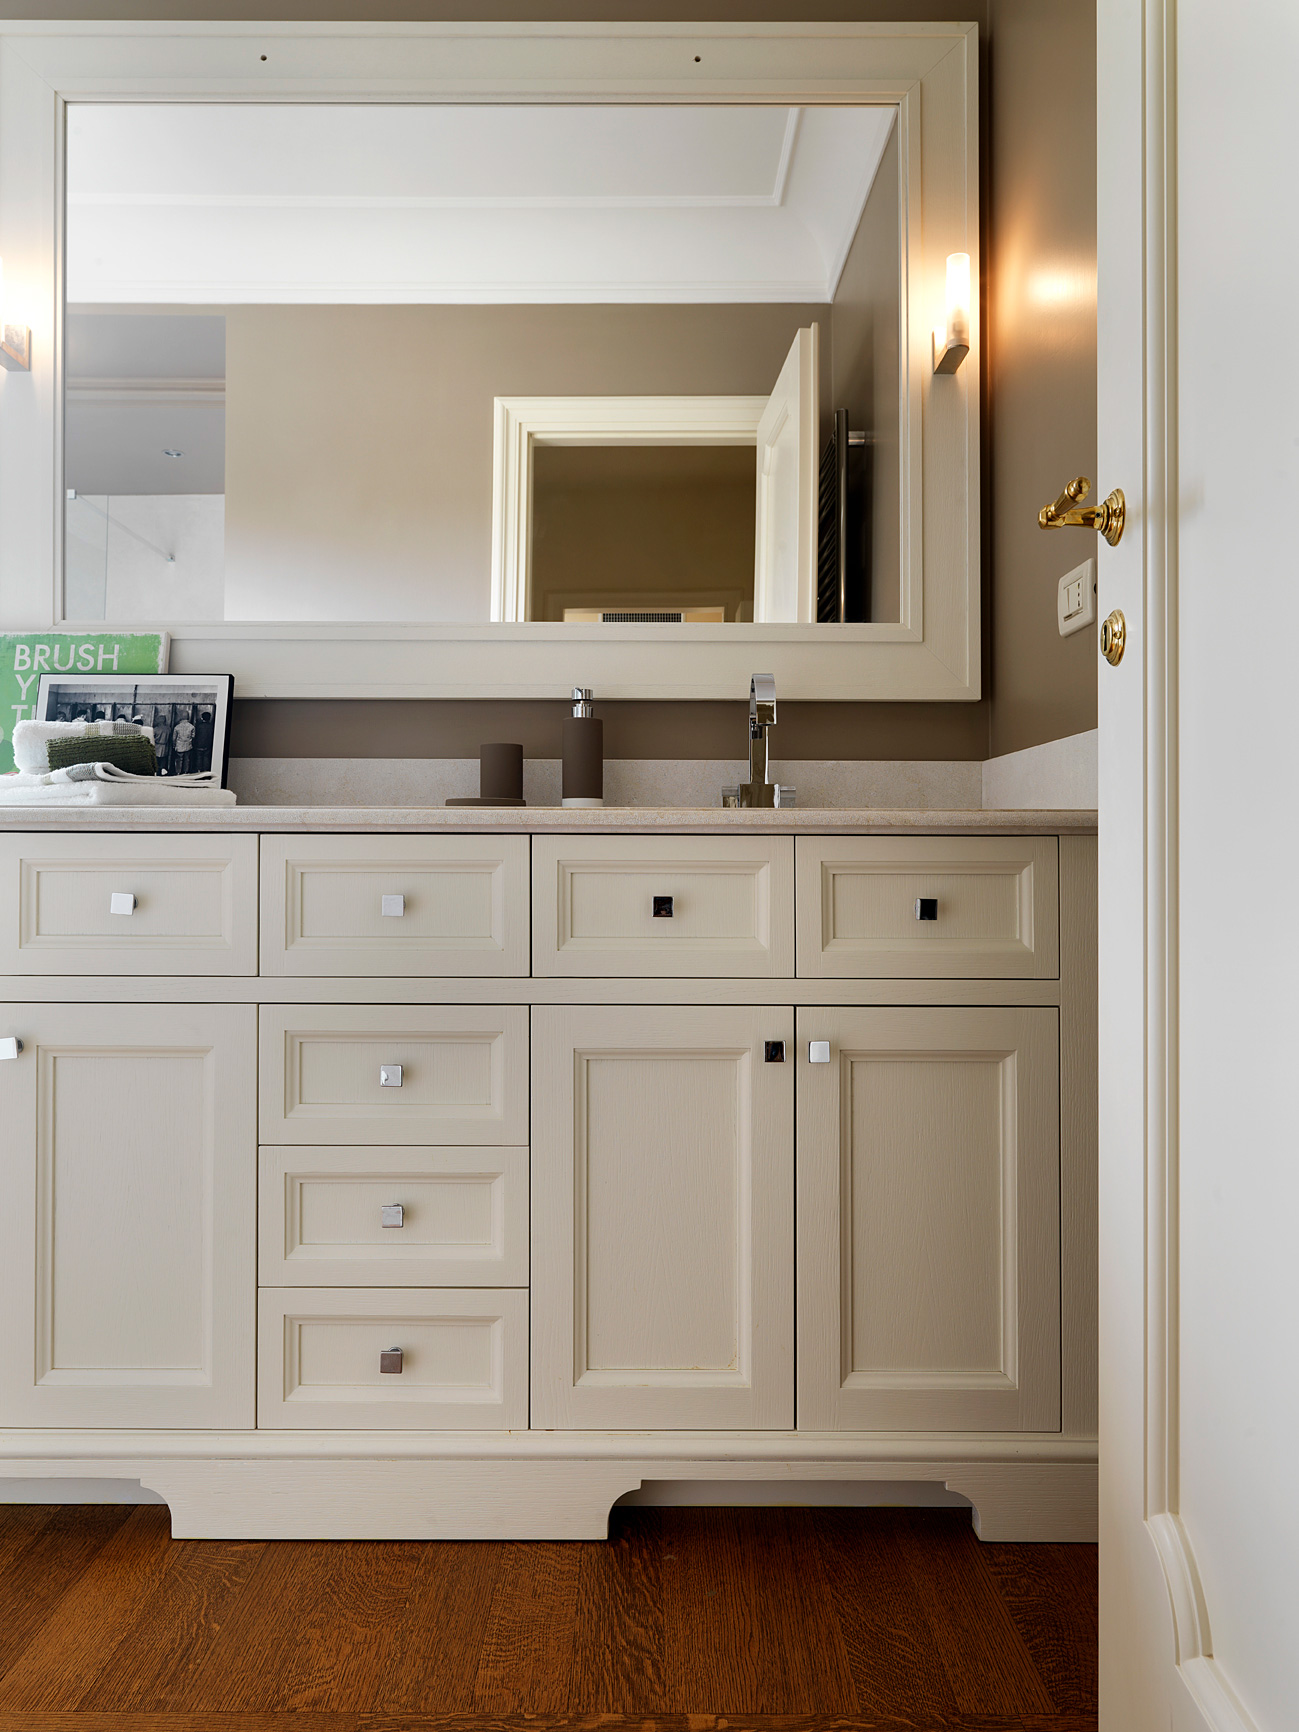 Mobili bagno classico moderno gallery of arredo bagno mobili bagno per la tua casa ideagroup - Mobili per bagno classici prezzi ...